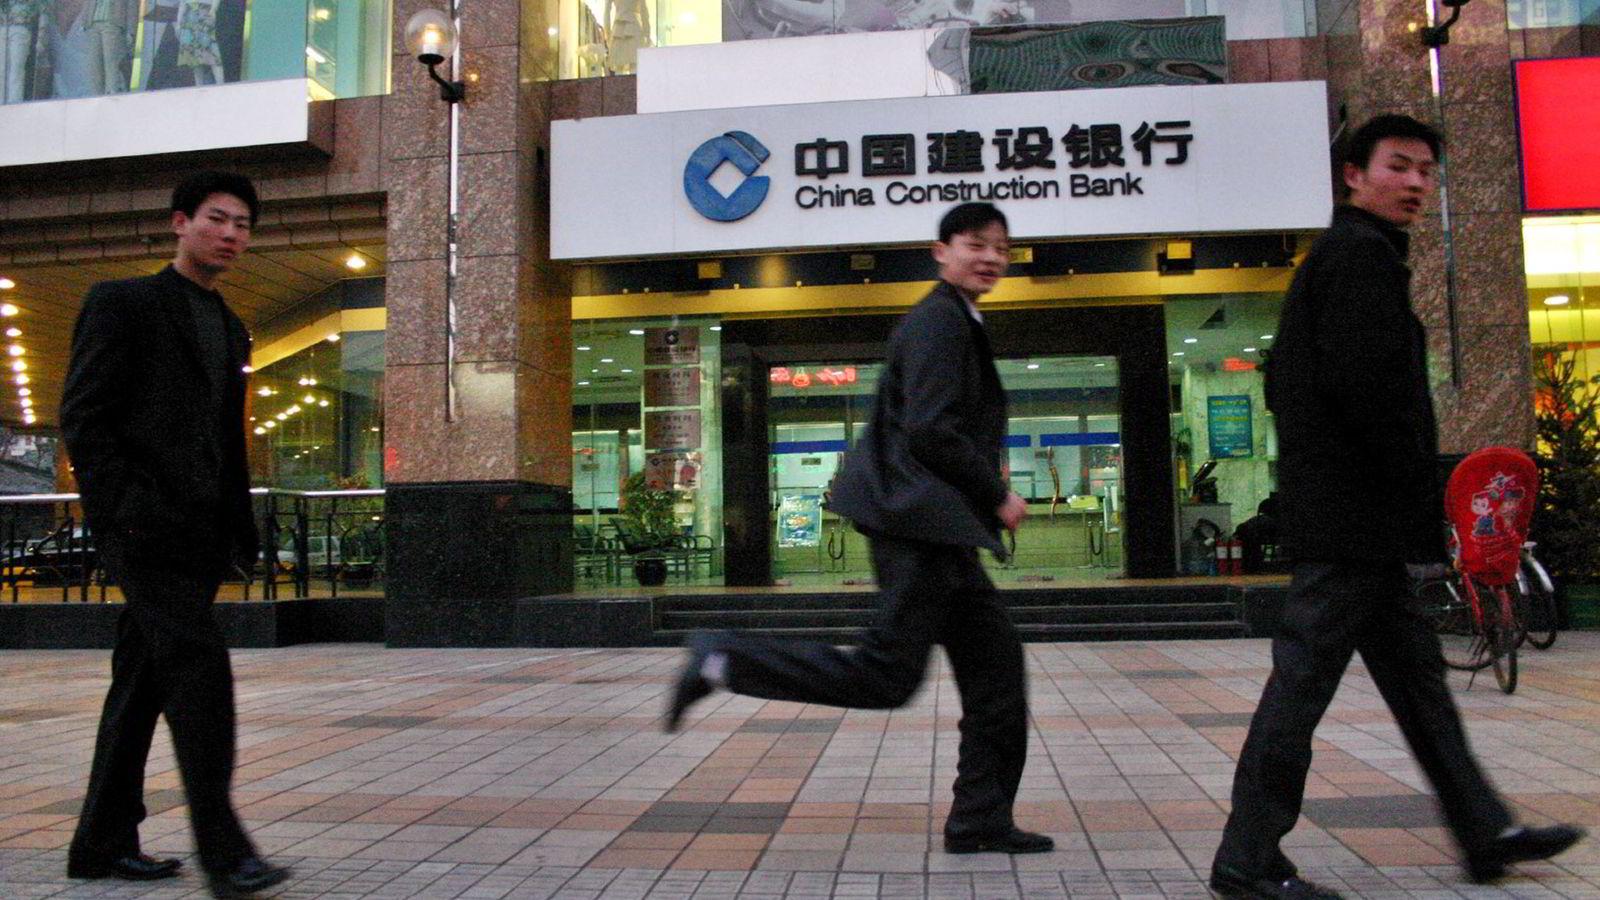 Myndighetene i Kina har så langt vært raske til å tilføre bankene frisk kapital ved det minste tegn på spredning til økonomien i landet. På bildet passerer fotgjengere en filial til China Construction Bank. Foto: AP Photo/NTB scanpix